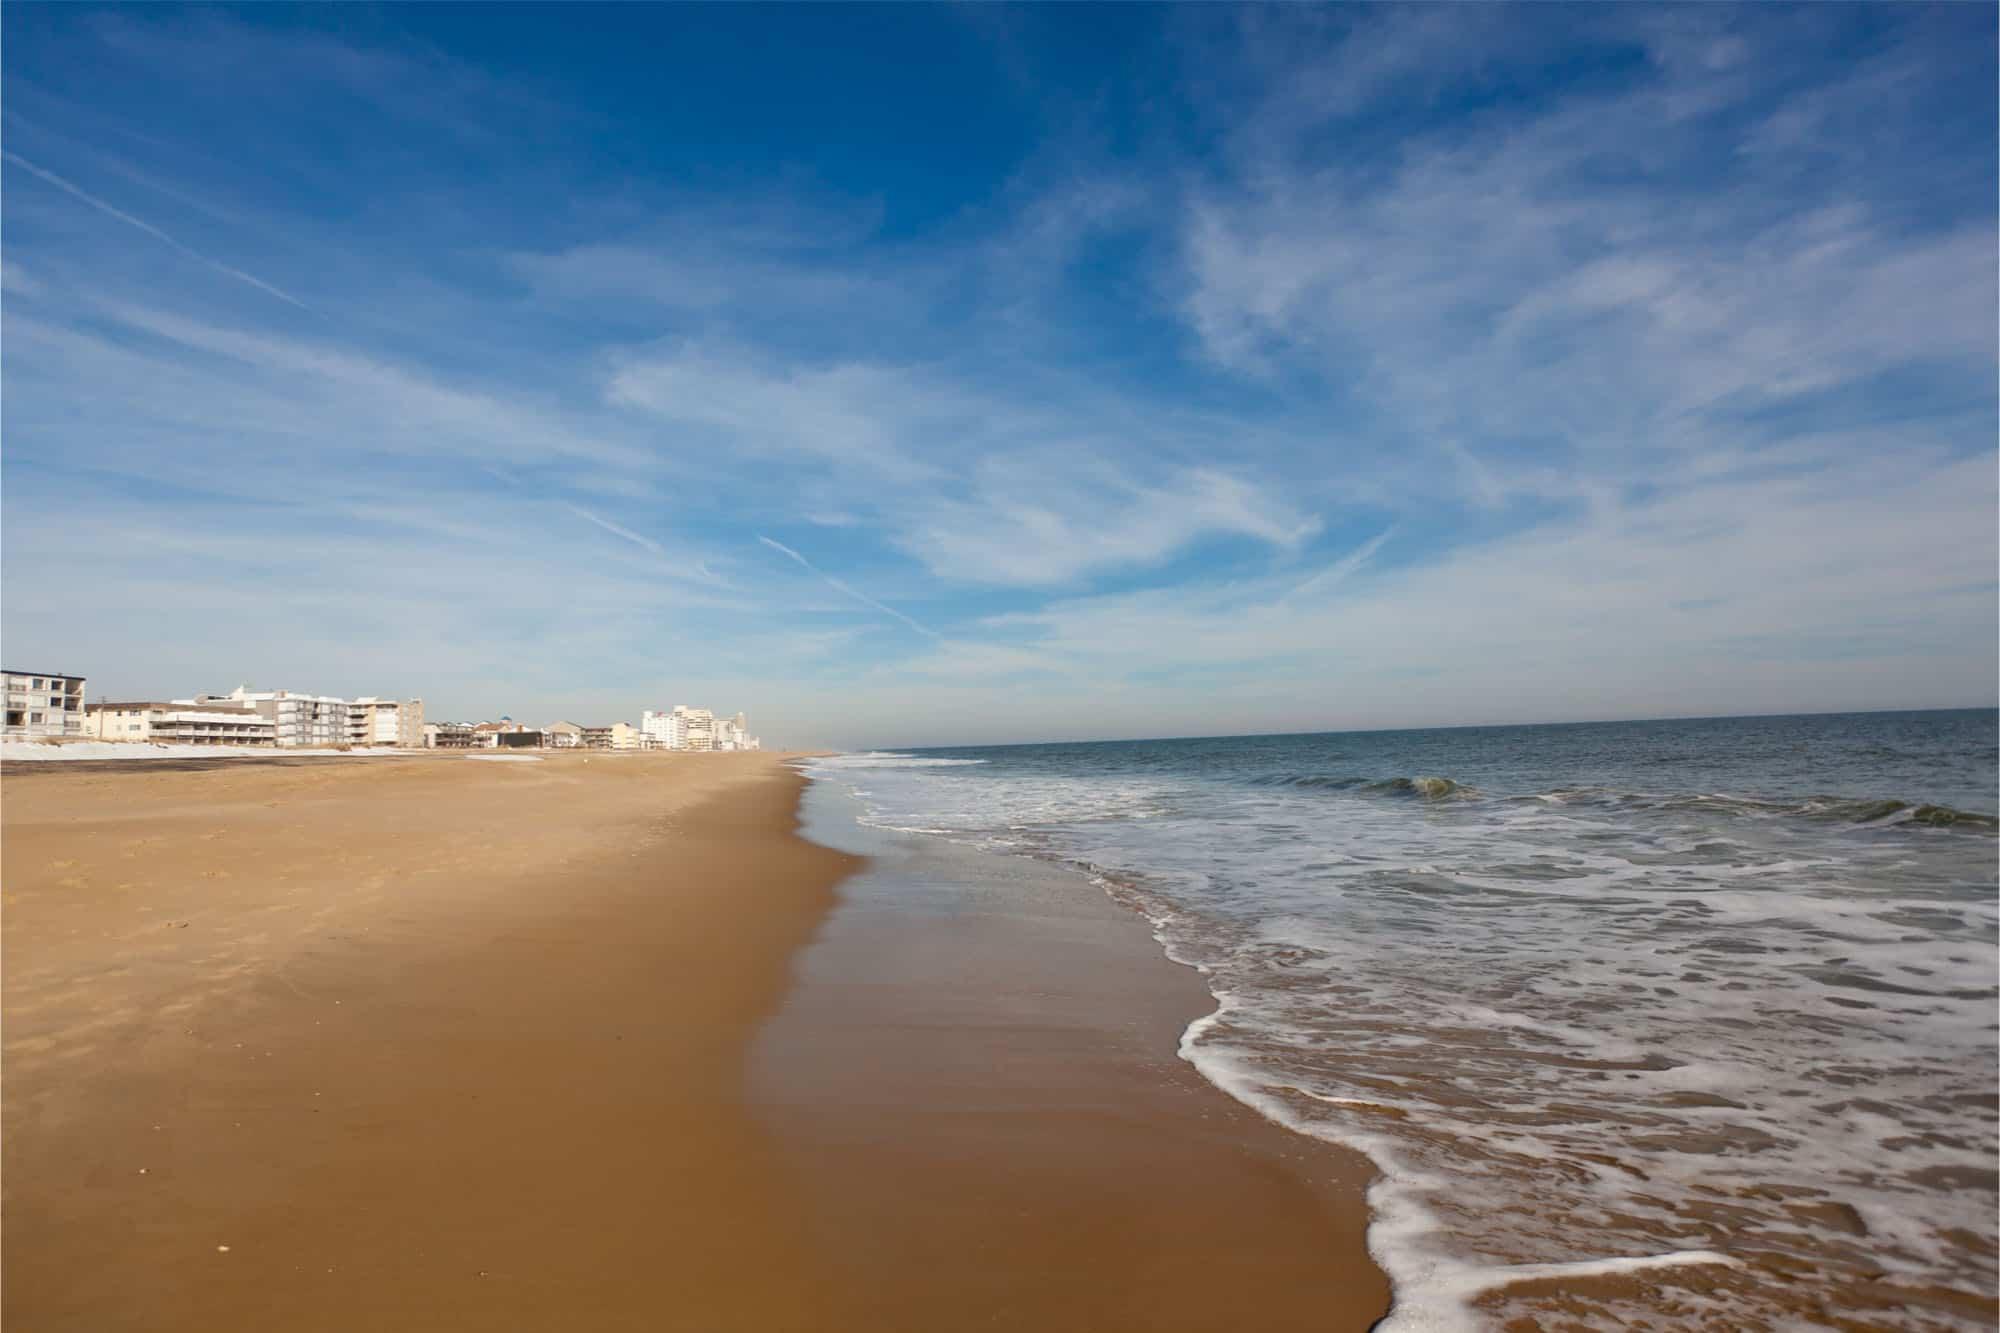 Hotels along sandy beach